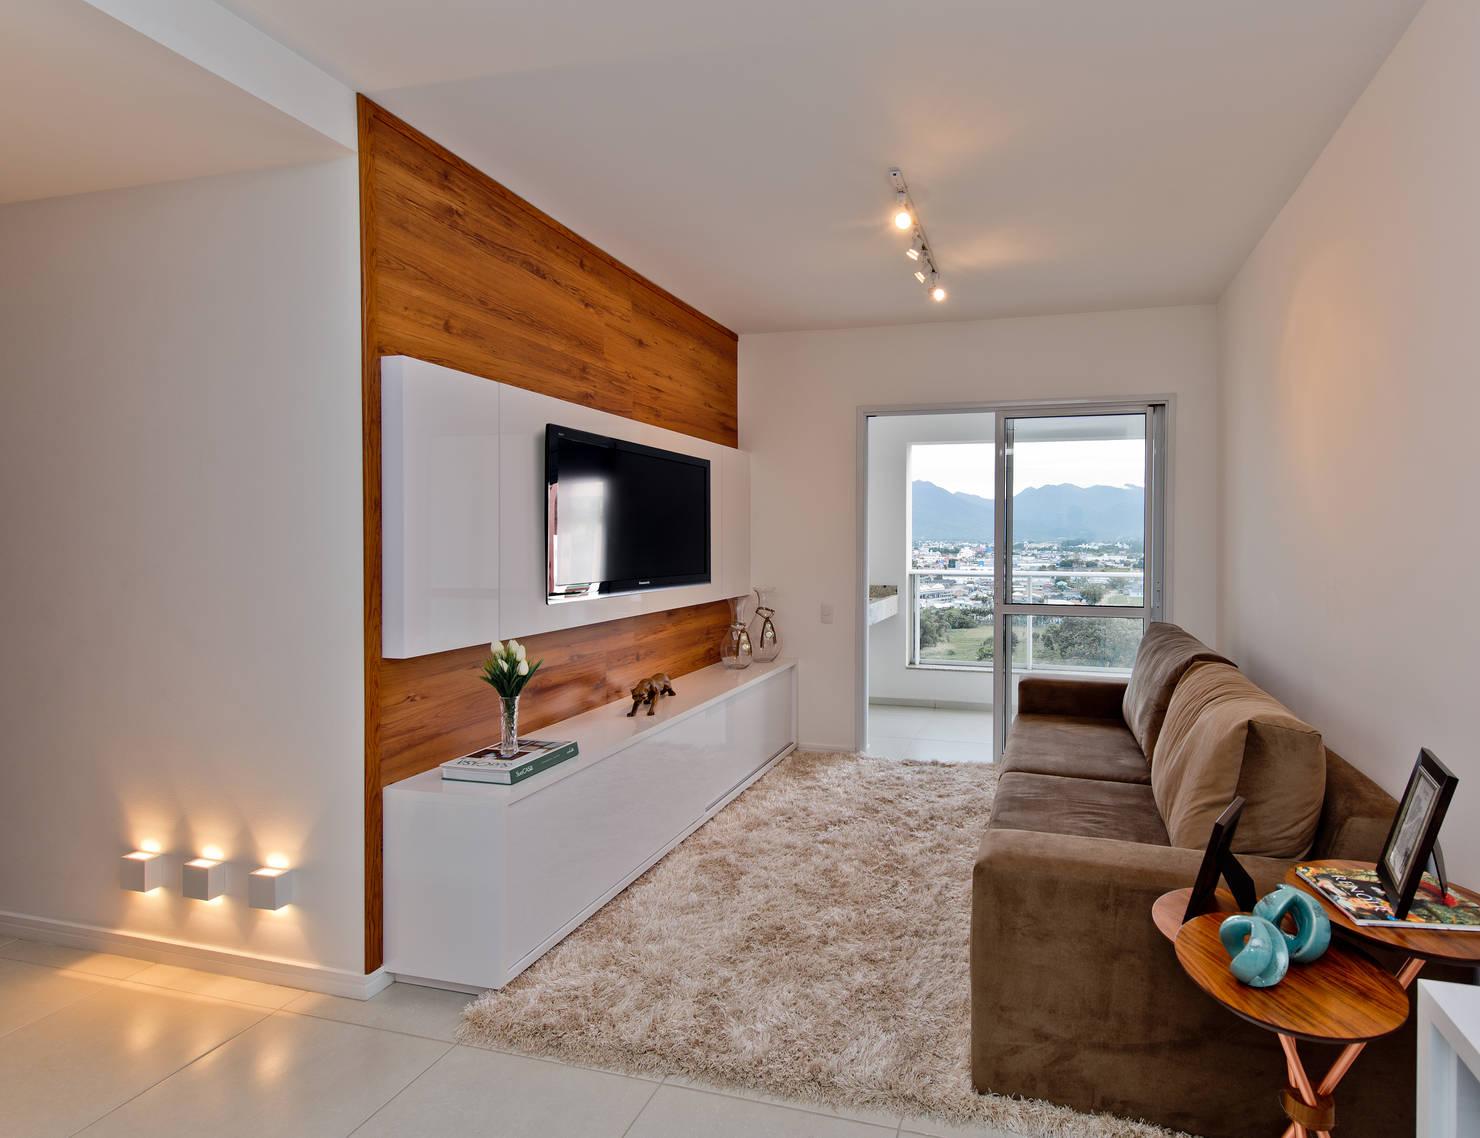 Como decorar uma sala de estar com baixo custo?